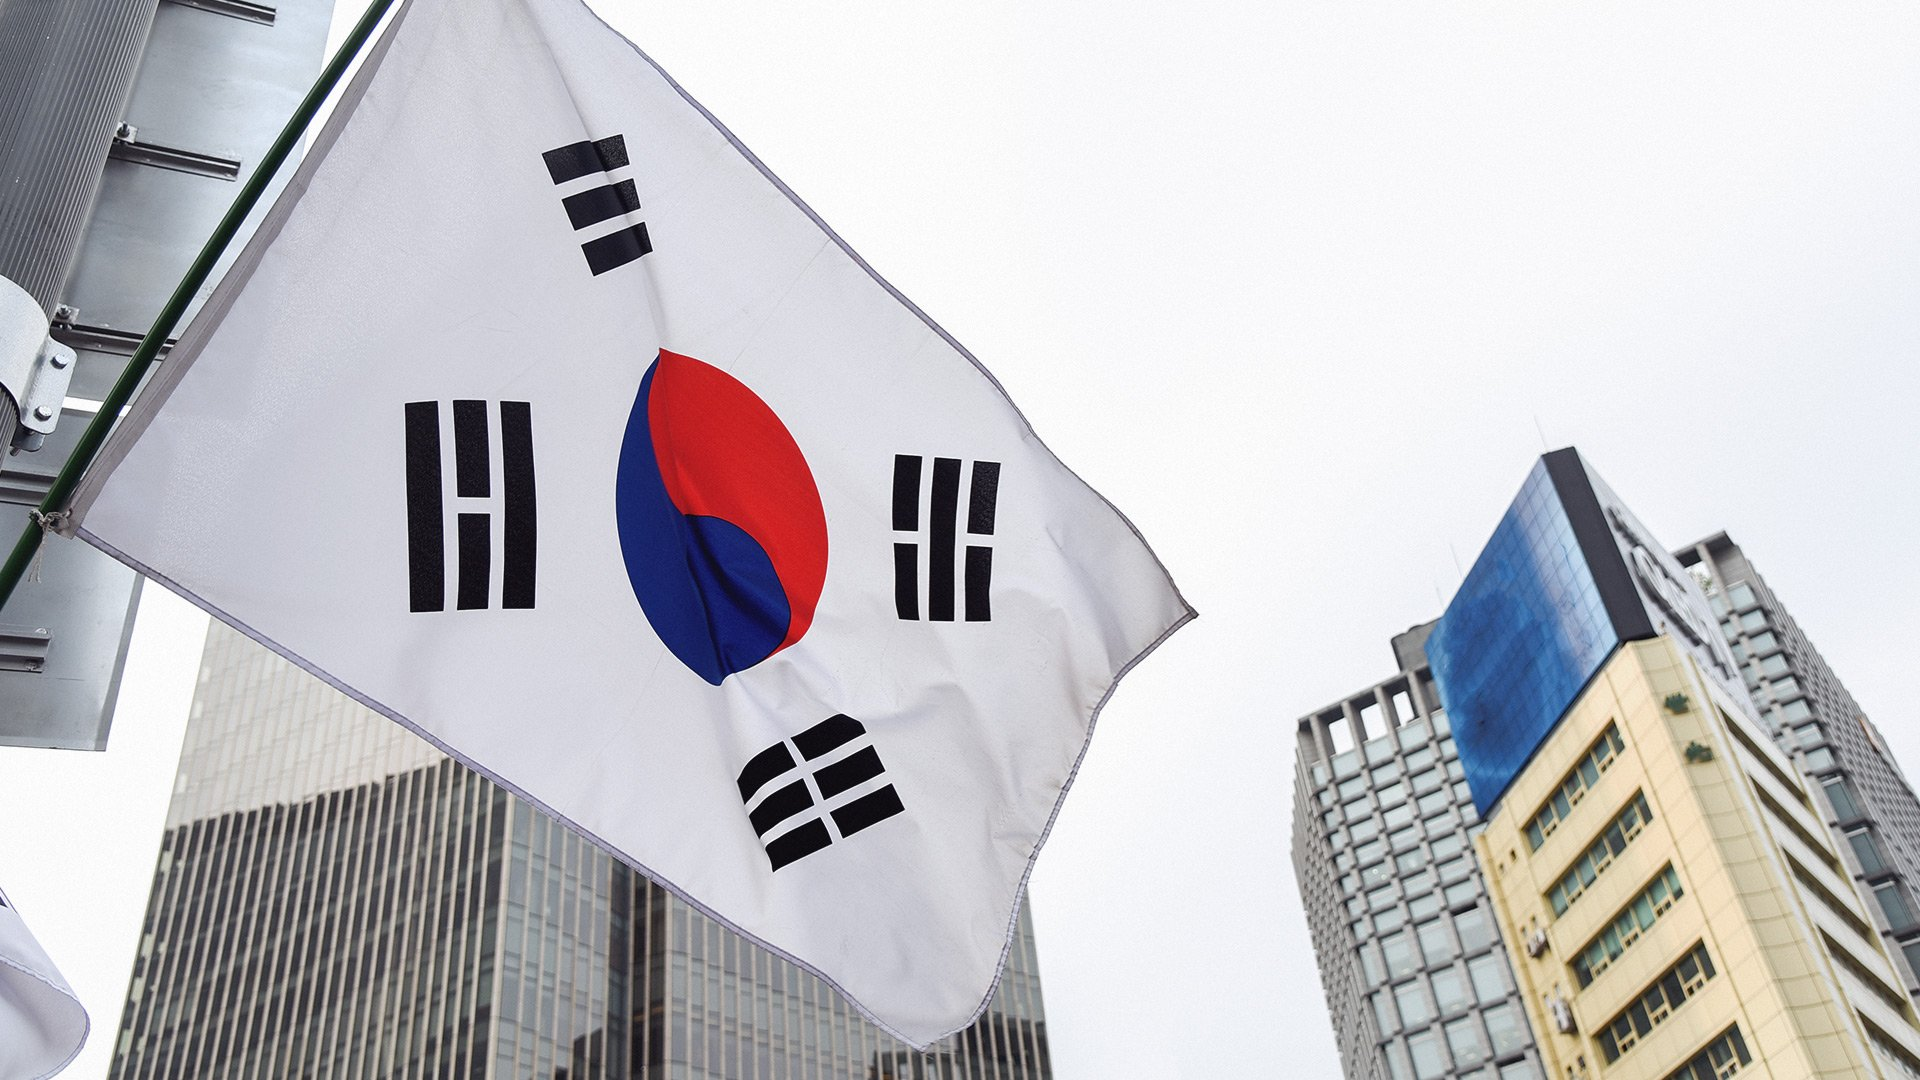 Quỹ giáo viên Hàn Quốc 40 tỷ USD lên kế hoạch đầu tư Bitcoin